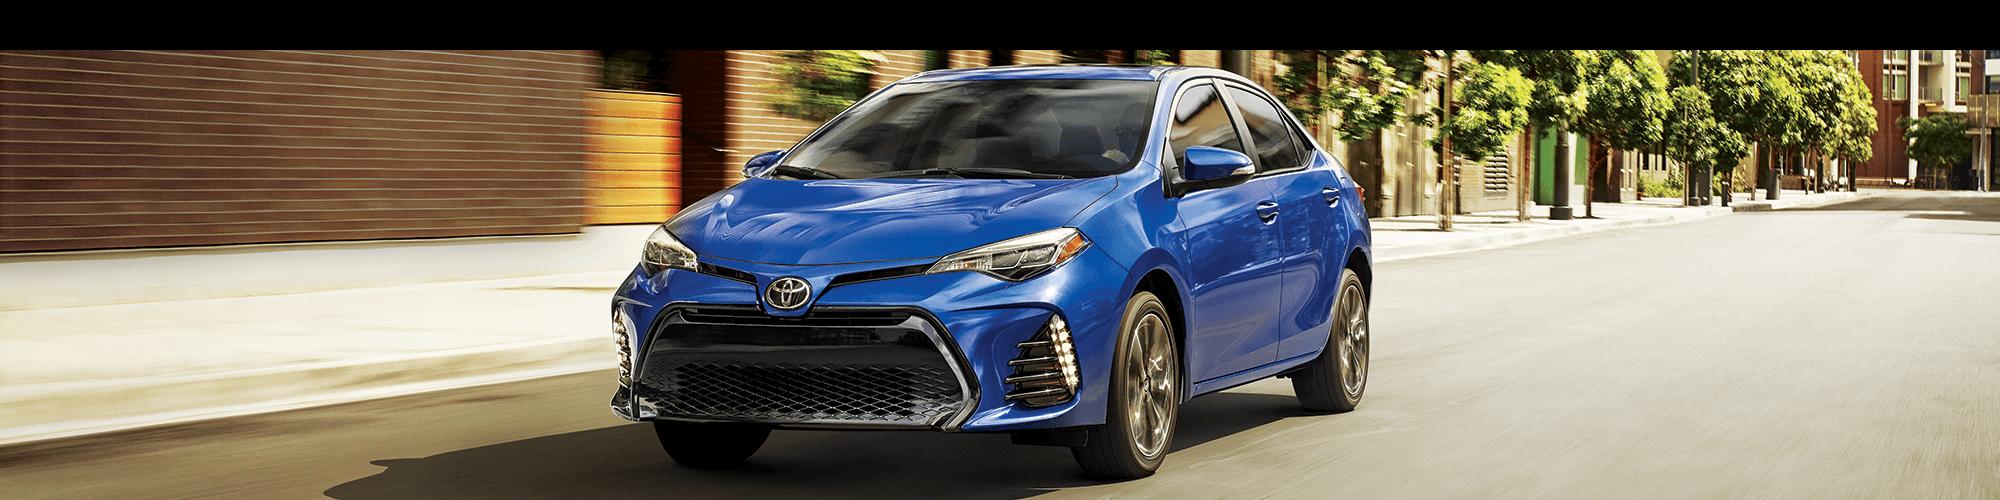 Cowansville Toyota Financement